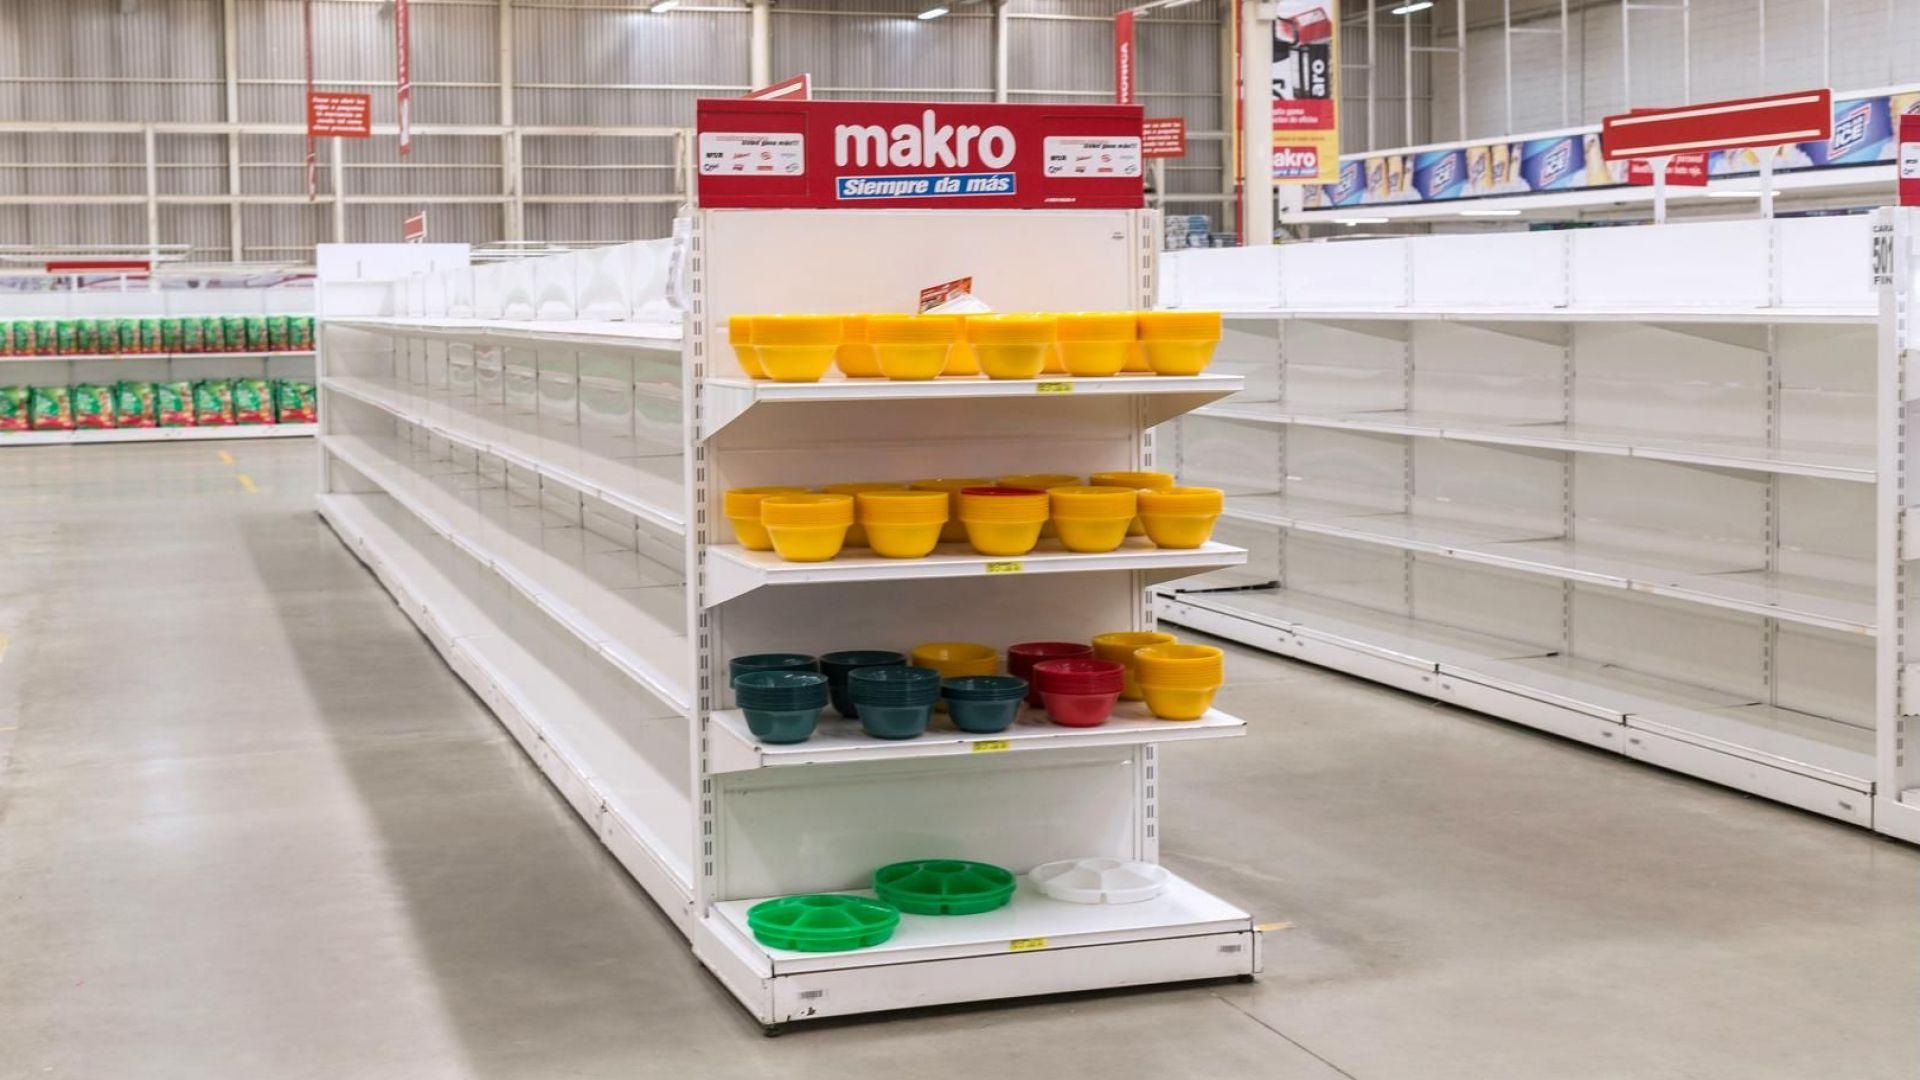 Инфлацията във Венецуела през 2018 г. е била 130 060 процента